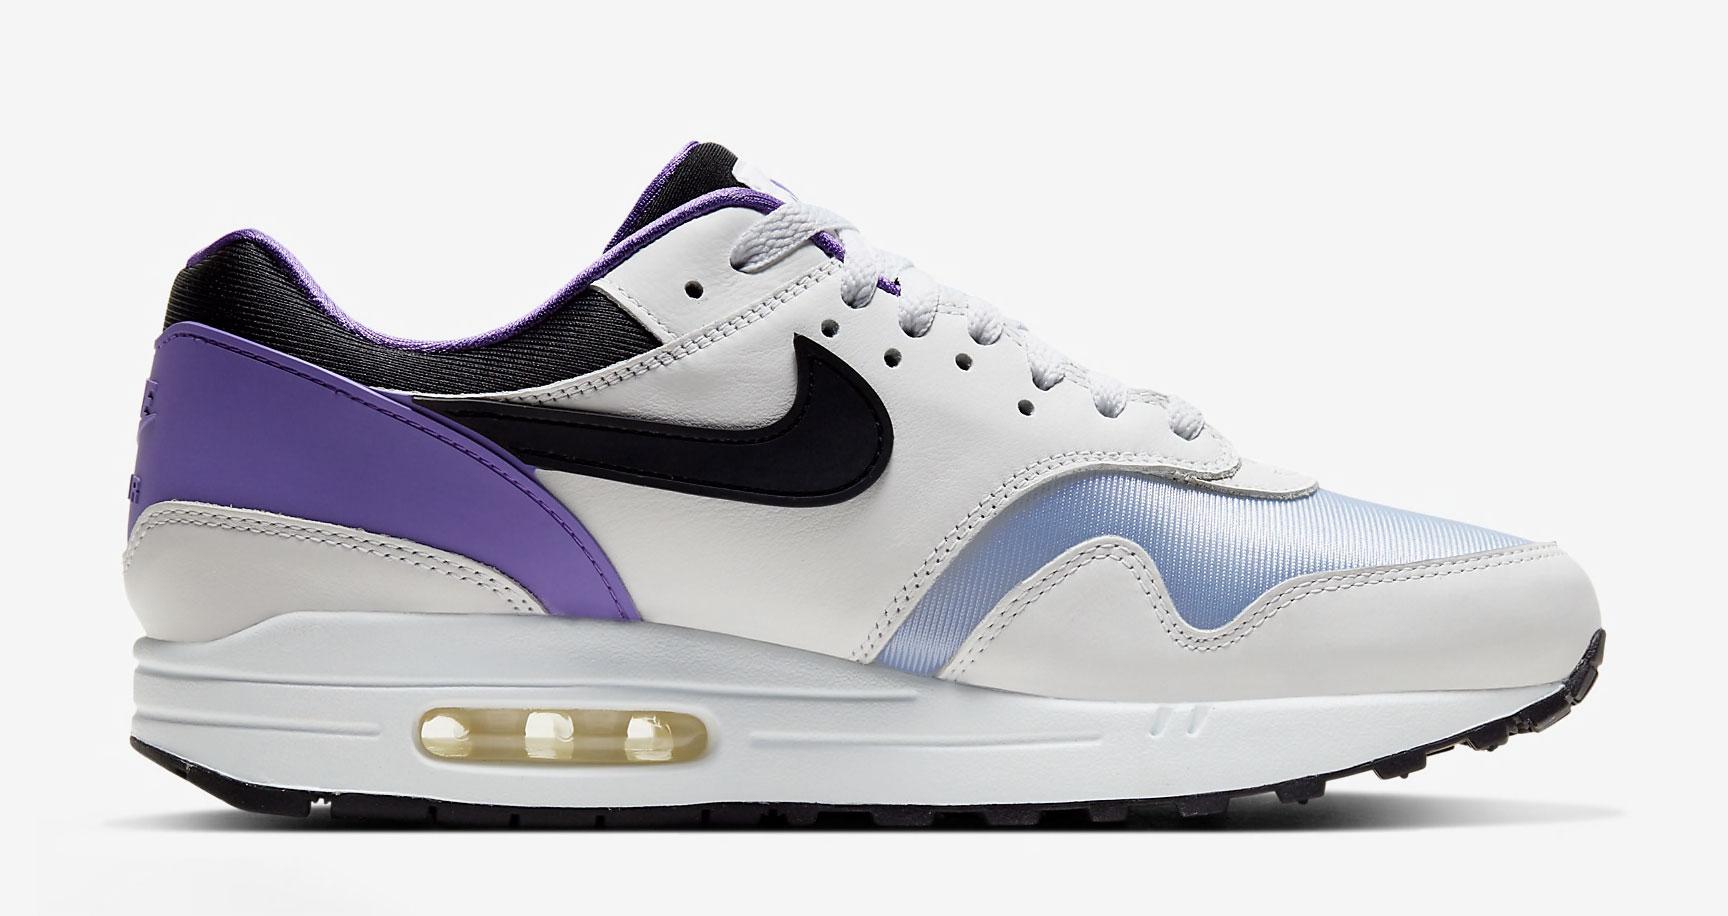 nike-air-max-1-dna-ch-1-huarache-white-purple-punch-2